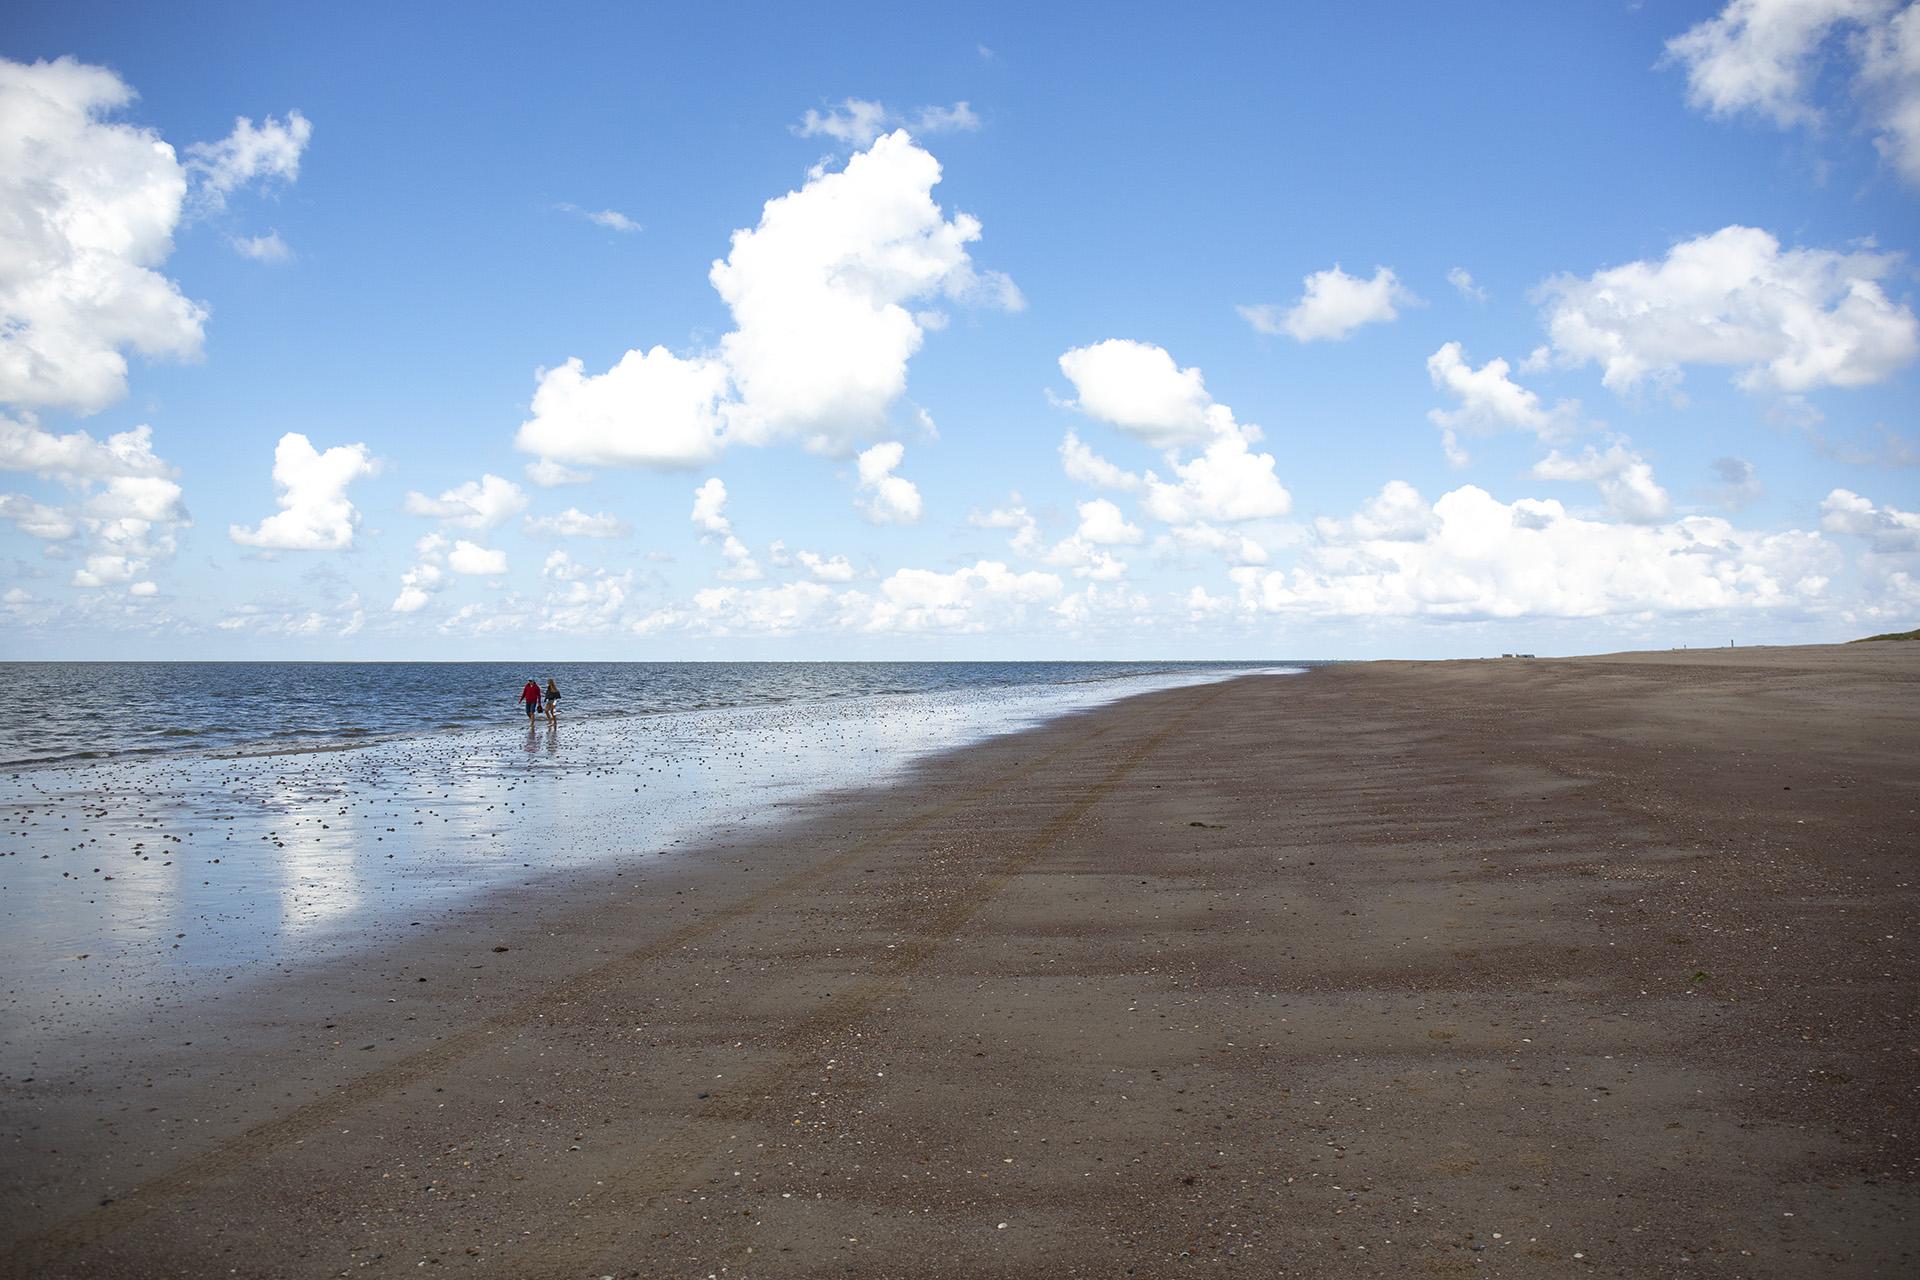 Strandbesuch: Ouddorp – einsam am Nordseestrand